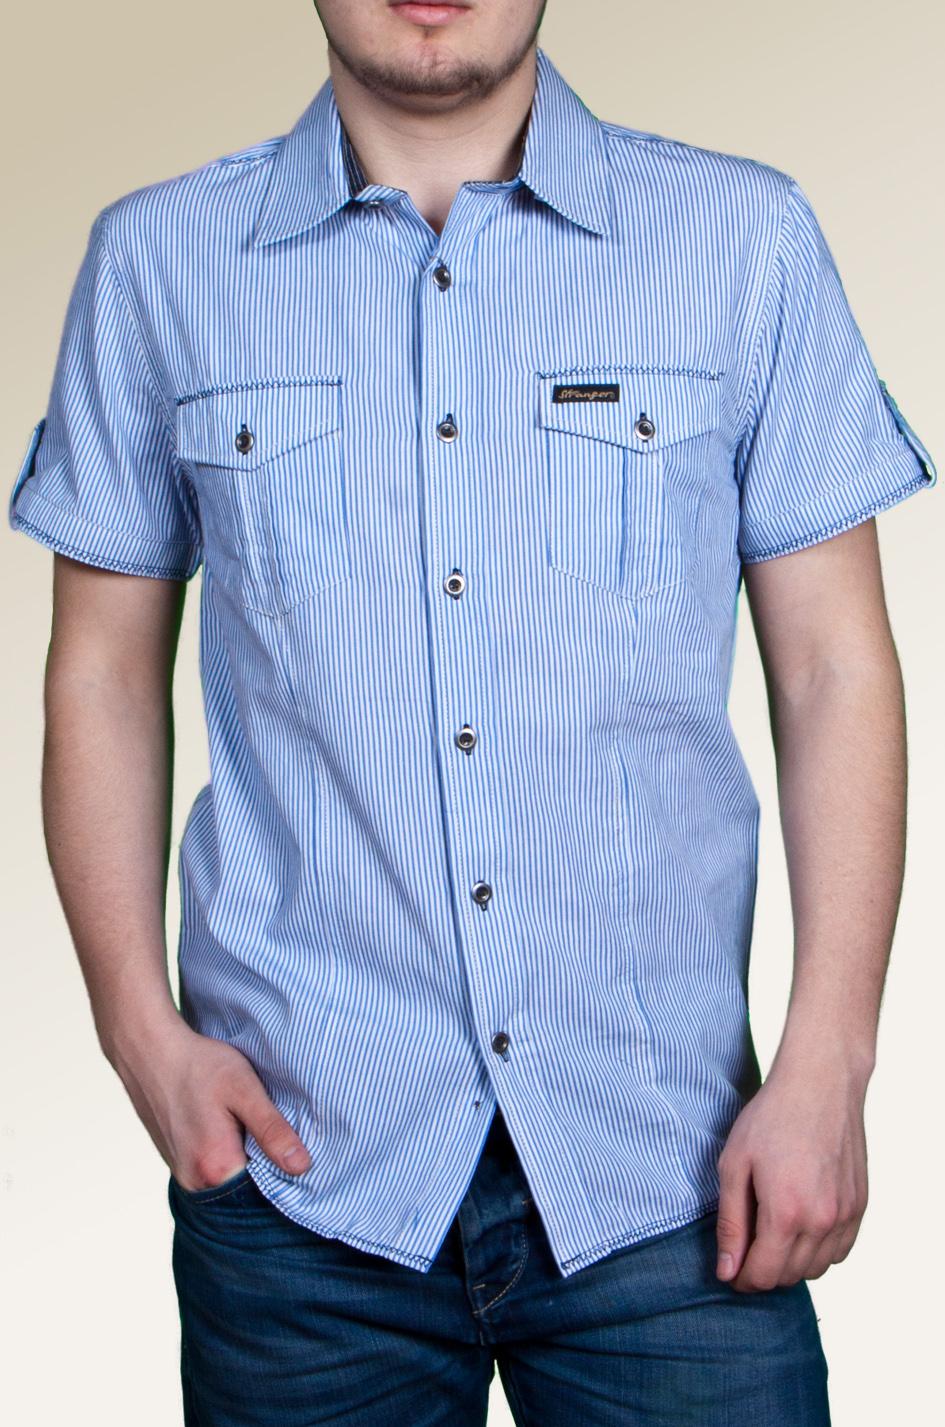 Ищете приталенные мужские рубашки, где купить в Москве? Интернет